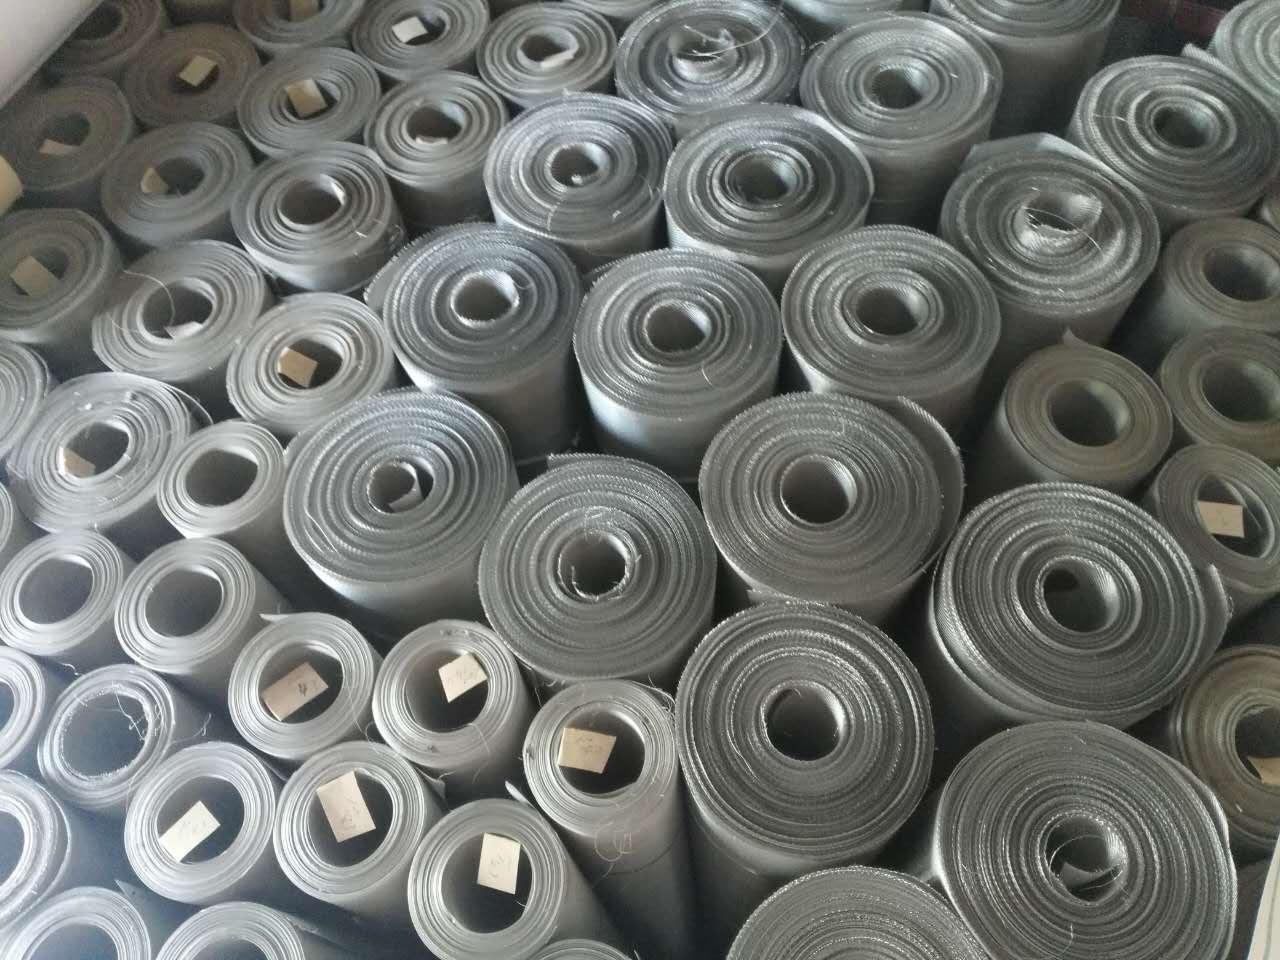 专业厂家销售高目不锈钢网,低价不锈钢网,不锈钢过滤网